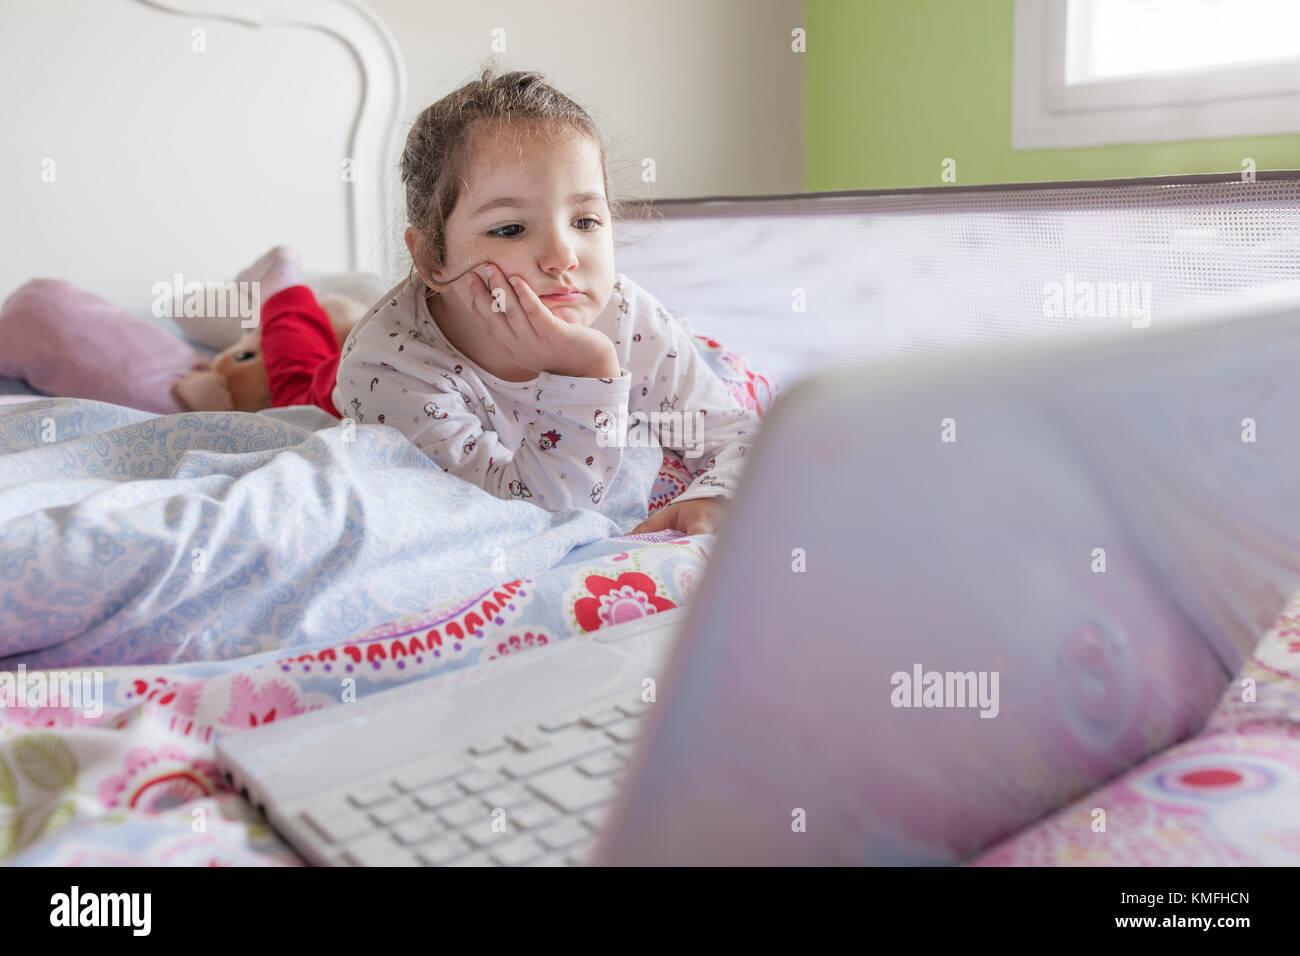 Kleines Mädchen im Bett lag und sich Zeichentrickfilme mit einem Laptop in seinem Schlafzimmer. Sie sieht unterhalten Stockbild